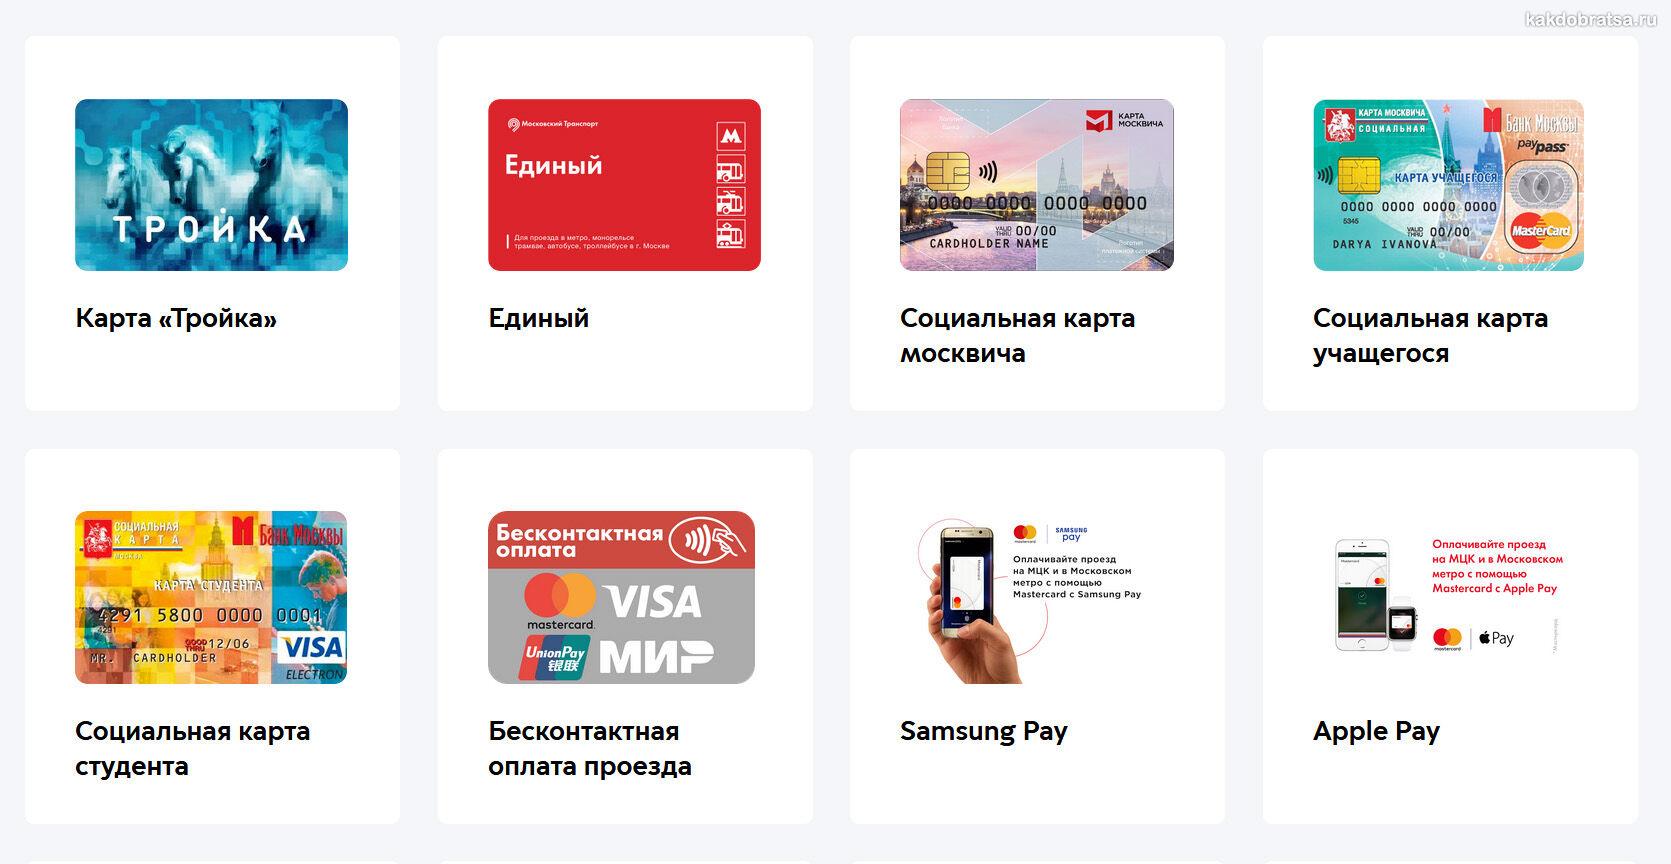 Метро Москвы способы оплаты и стоимость проезда